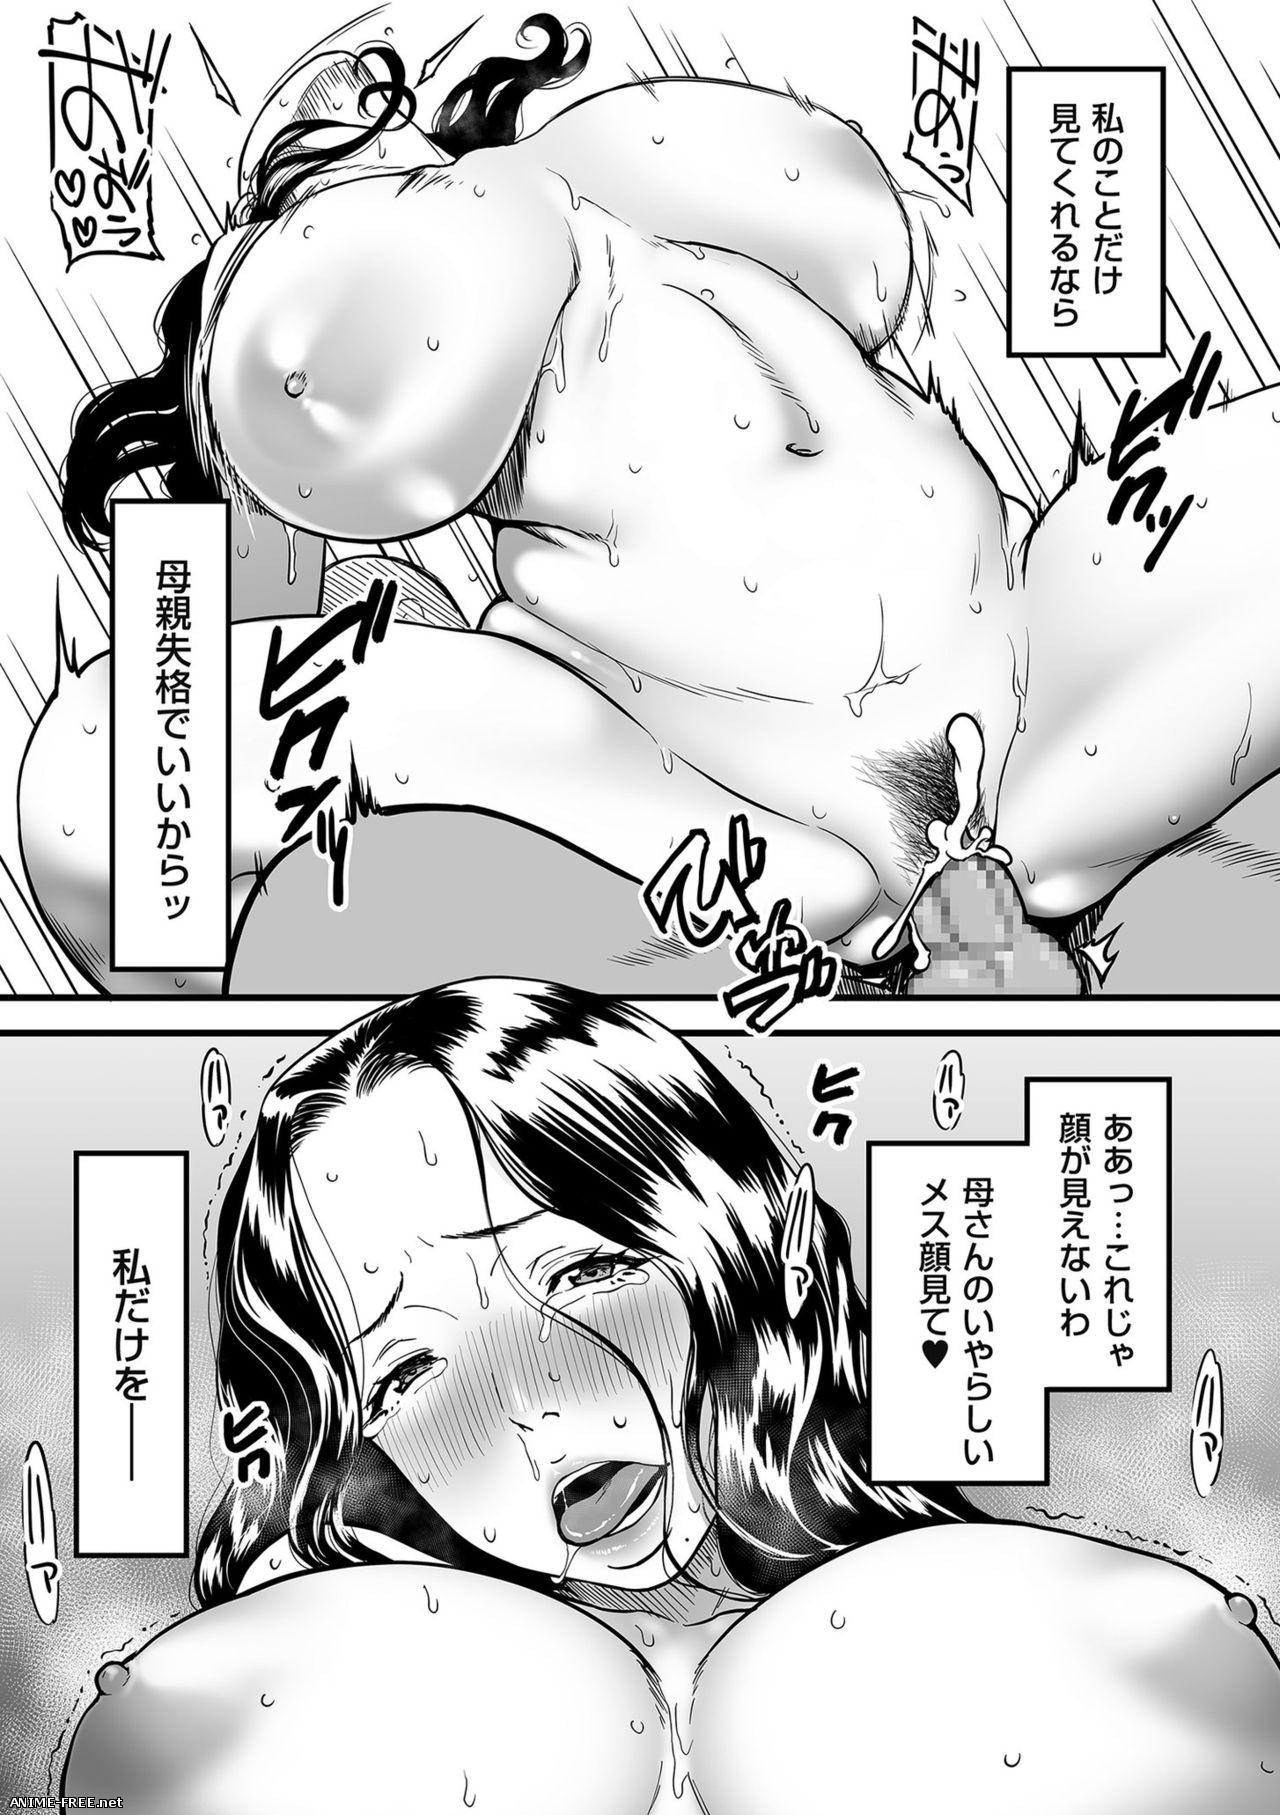 COMIC KURiBERON DUMA (Collection) - Сборник хентай манги [Cen] [JAP] Manga Hentai